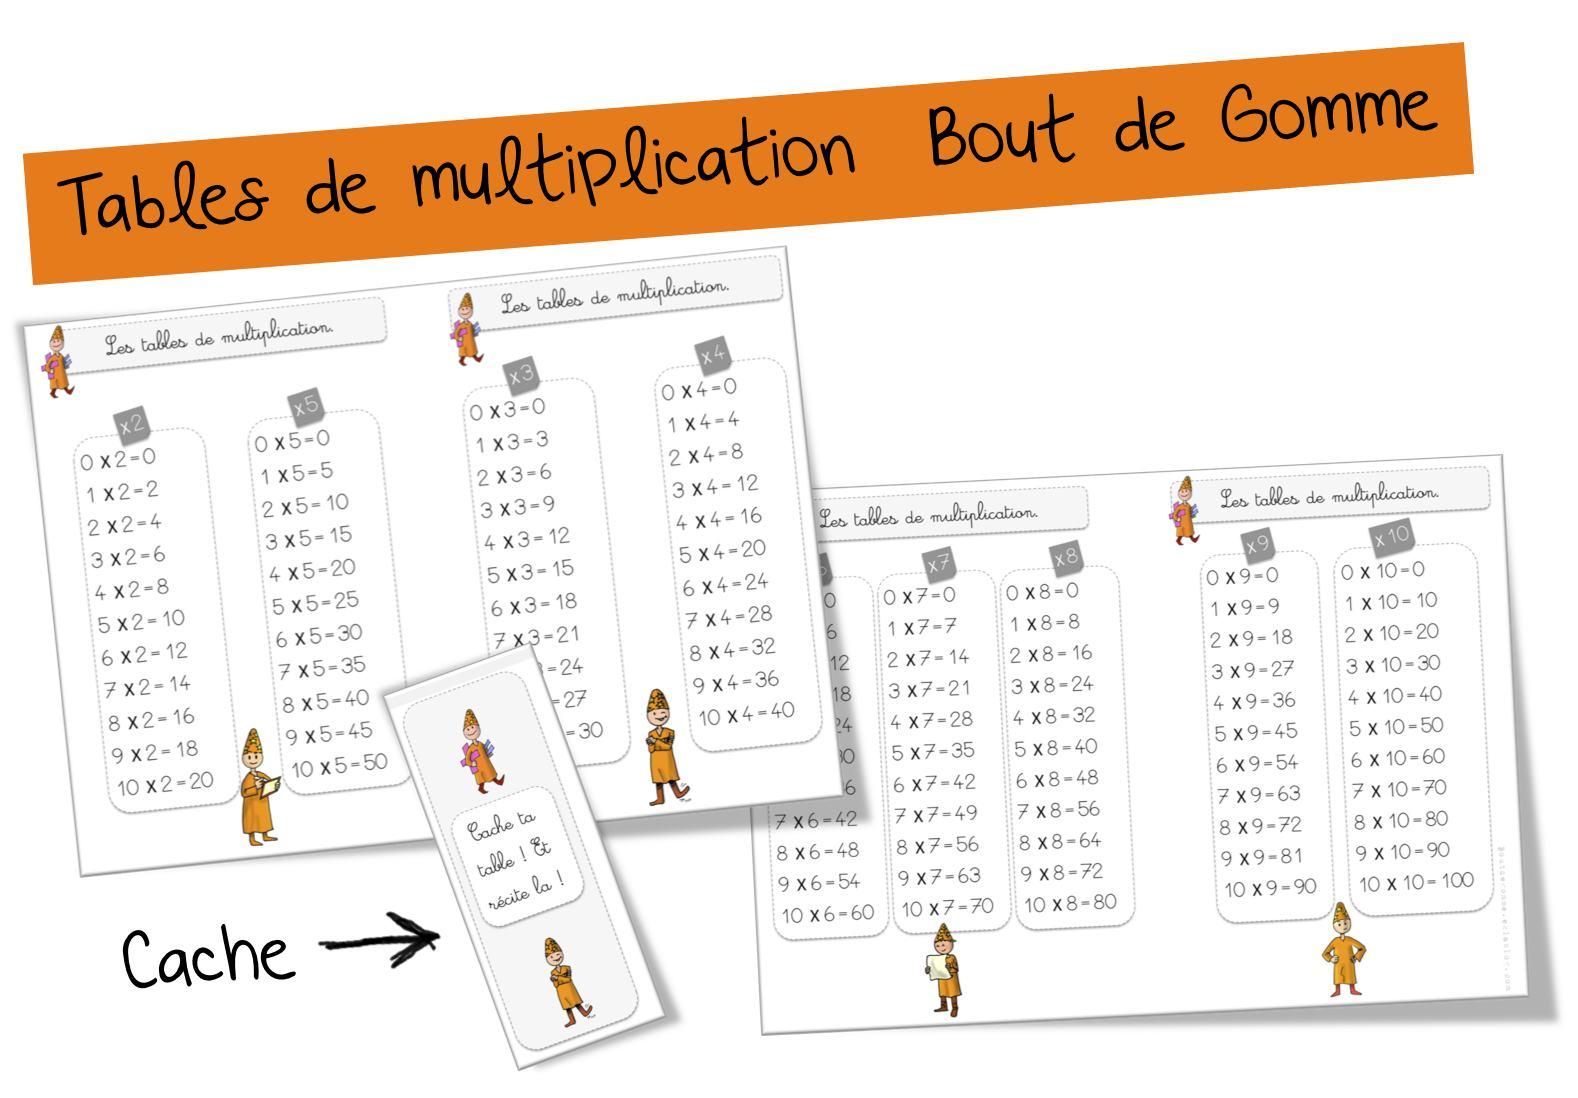 Tables De Multiplication | Bout De Gomme intérieur Mots Croisés Gratuits À Imprimer Cycle 3